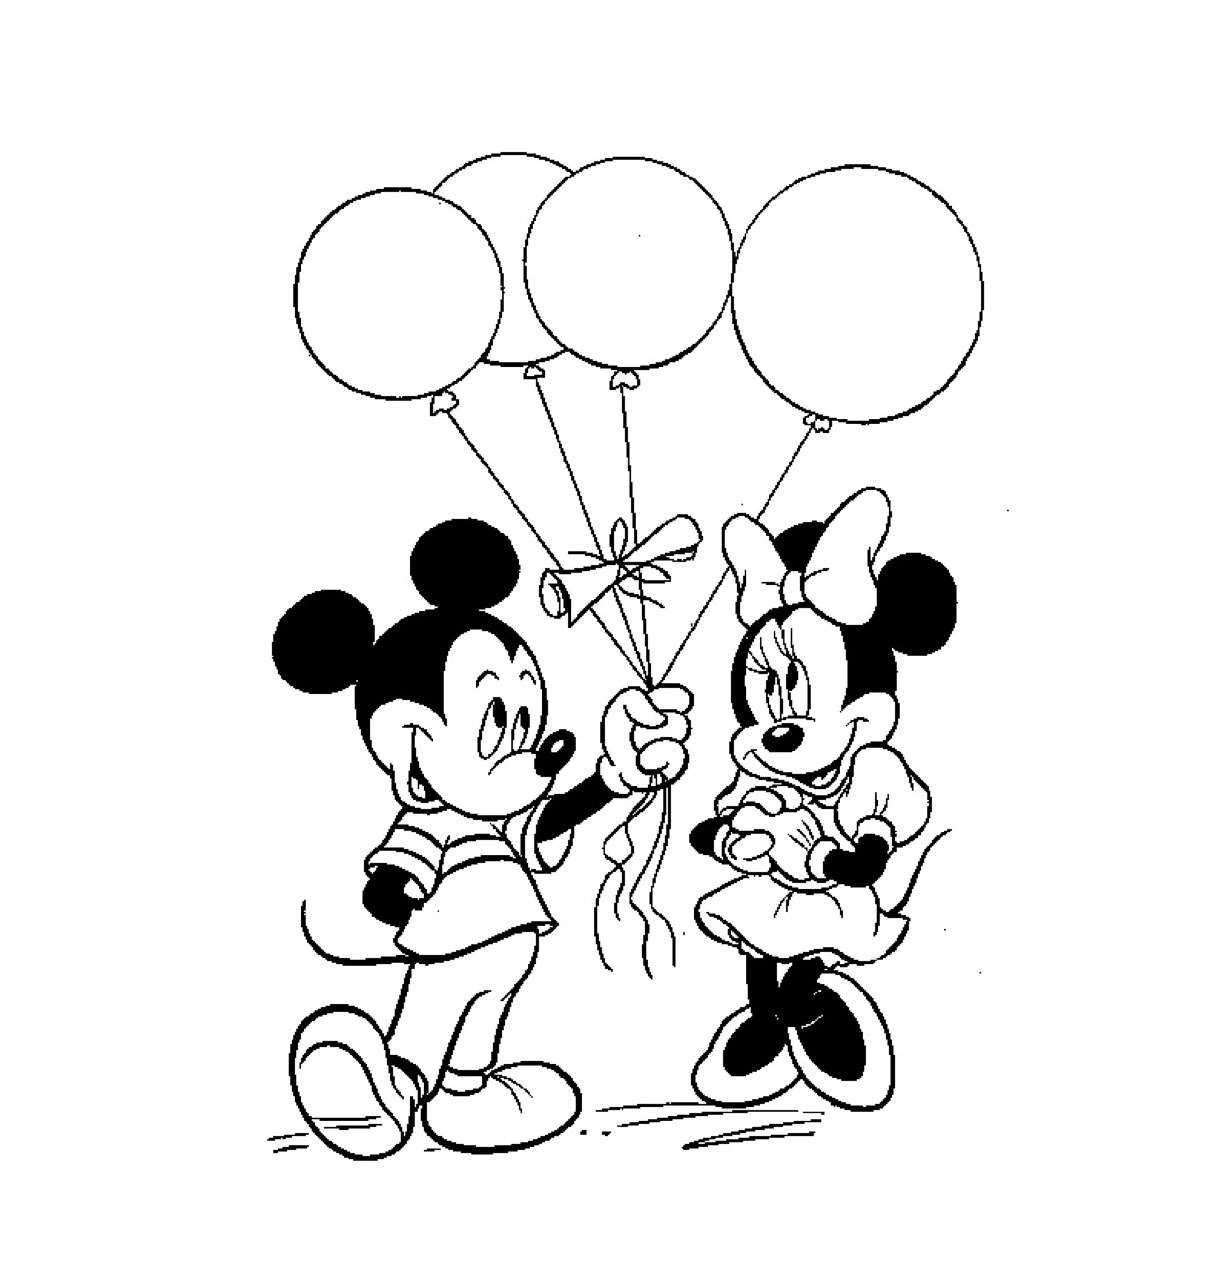 Kleurplaat Met Ballonnen Kleuren Nu Mickey Geeft Mini Balonnen Kleurplaten